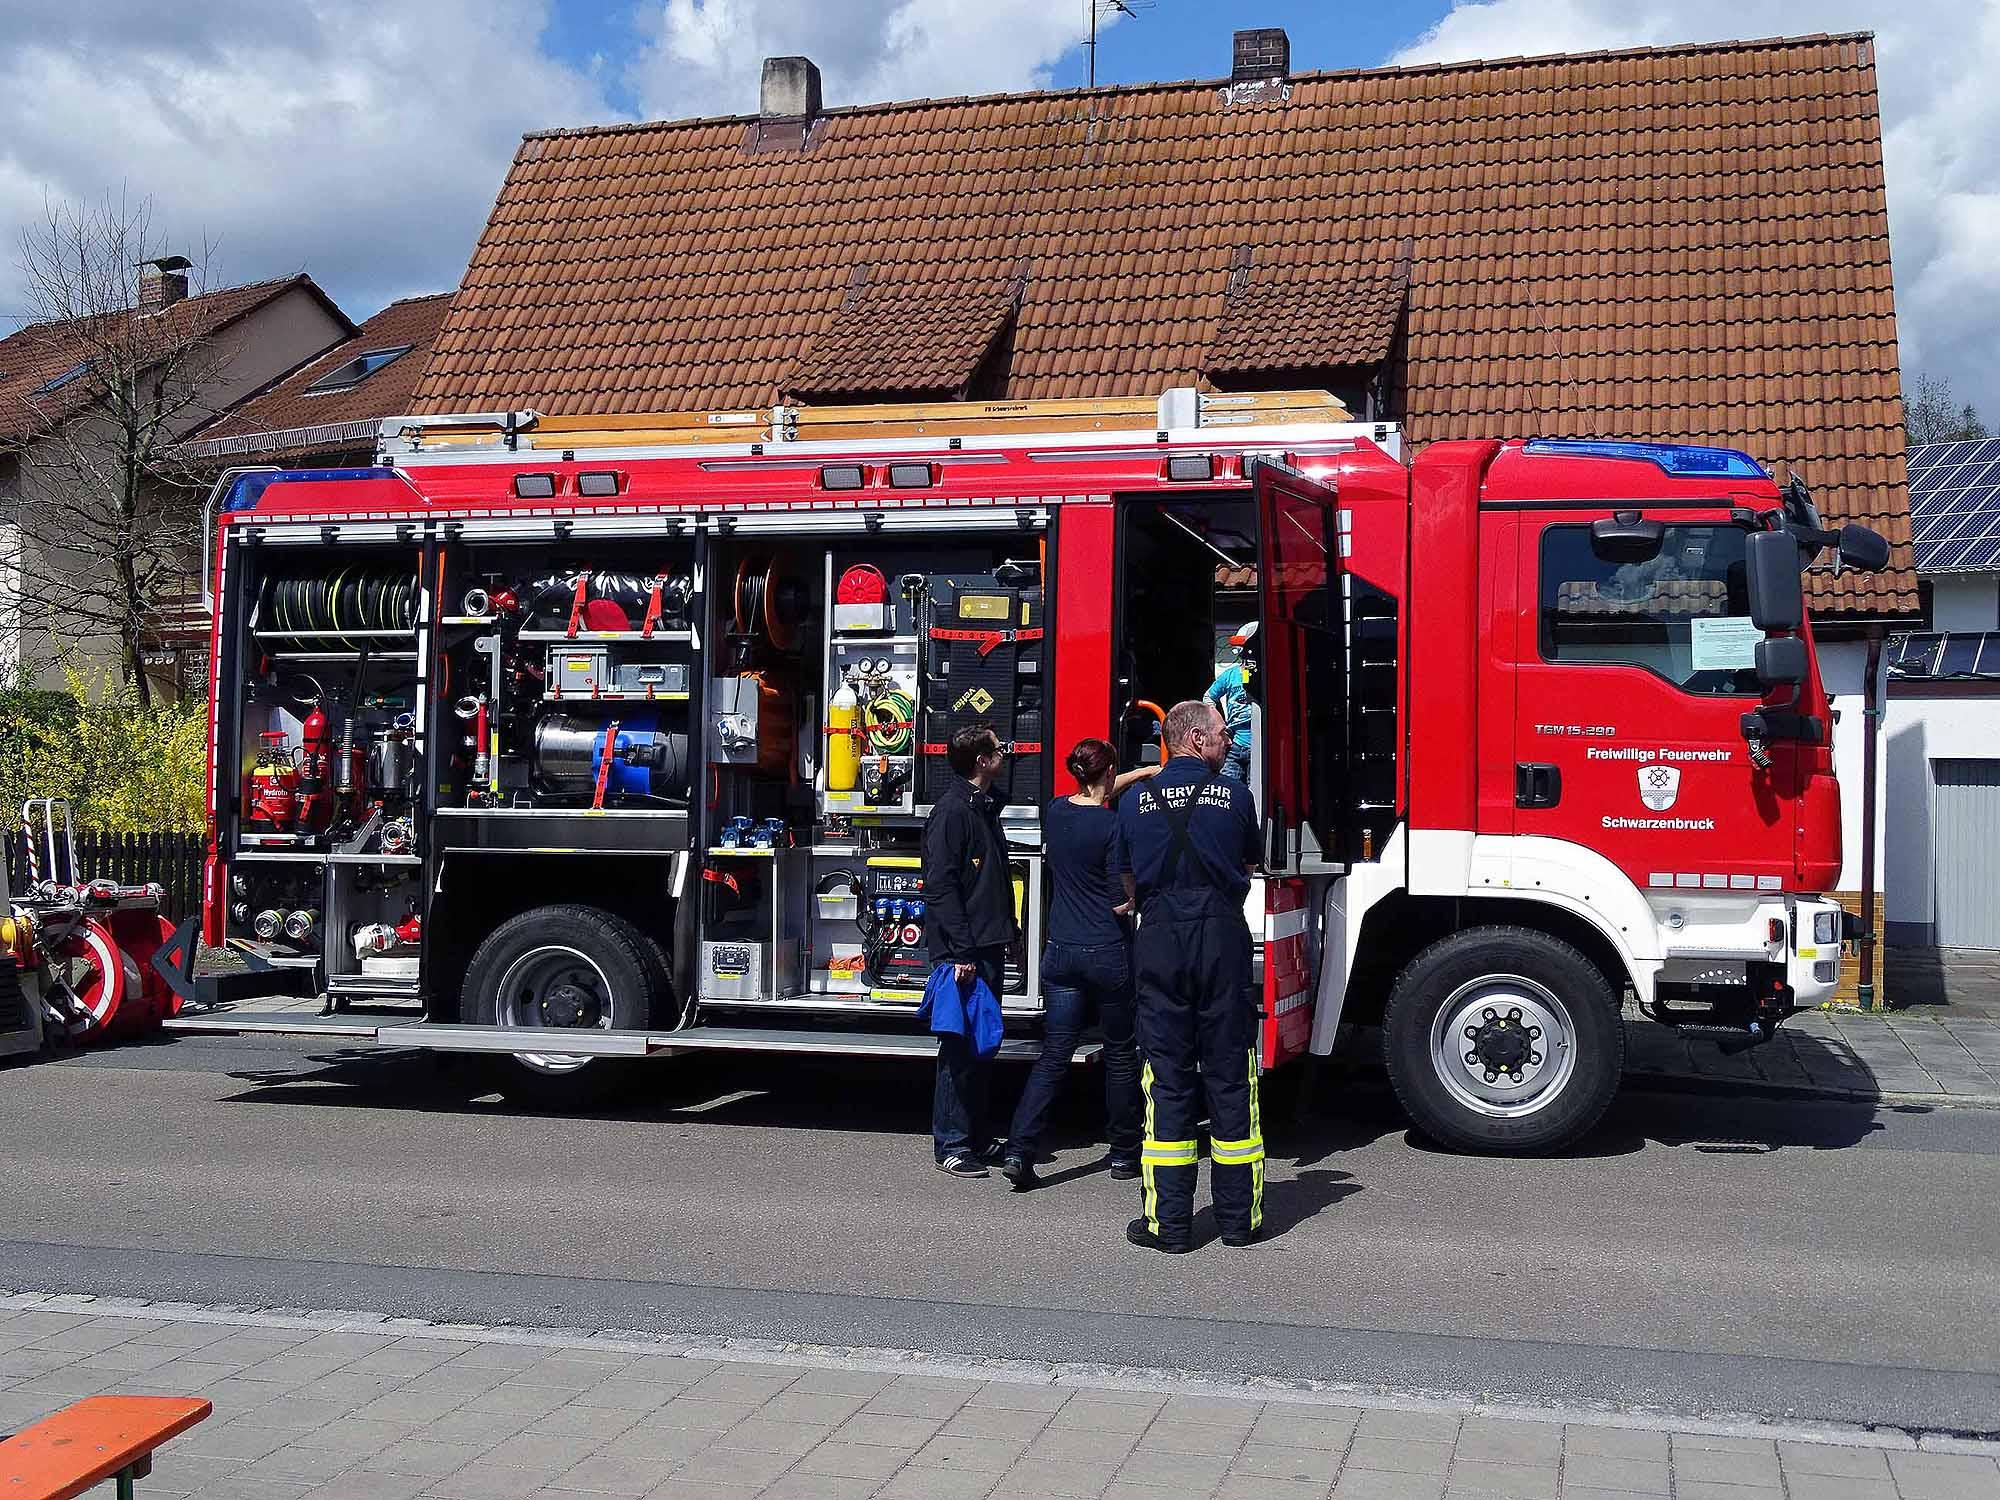 HLF 20 der FF Schwarzenbruck